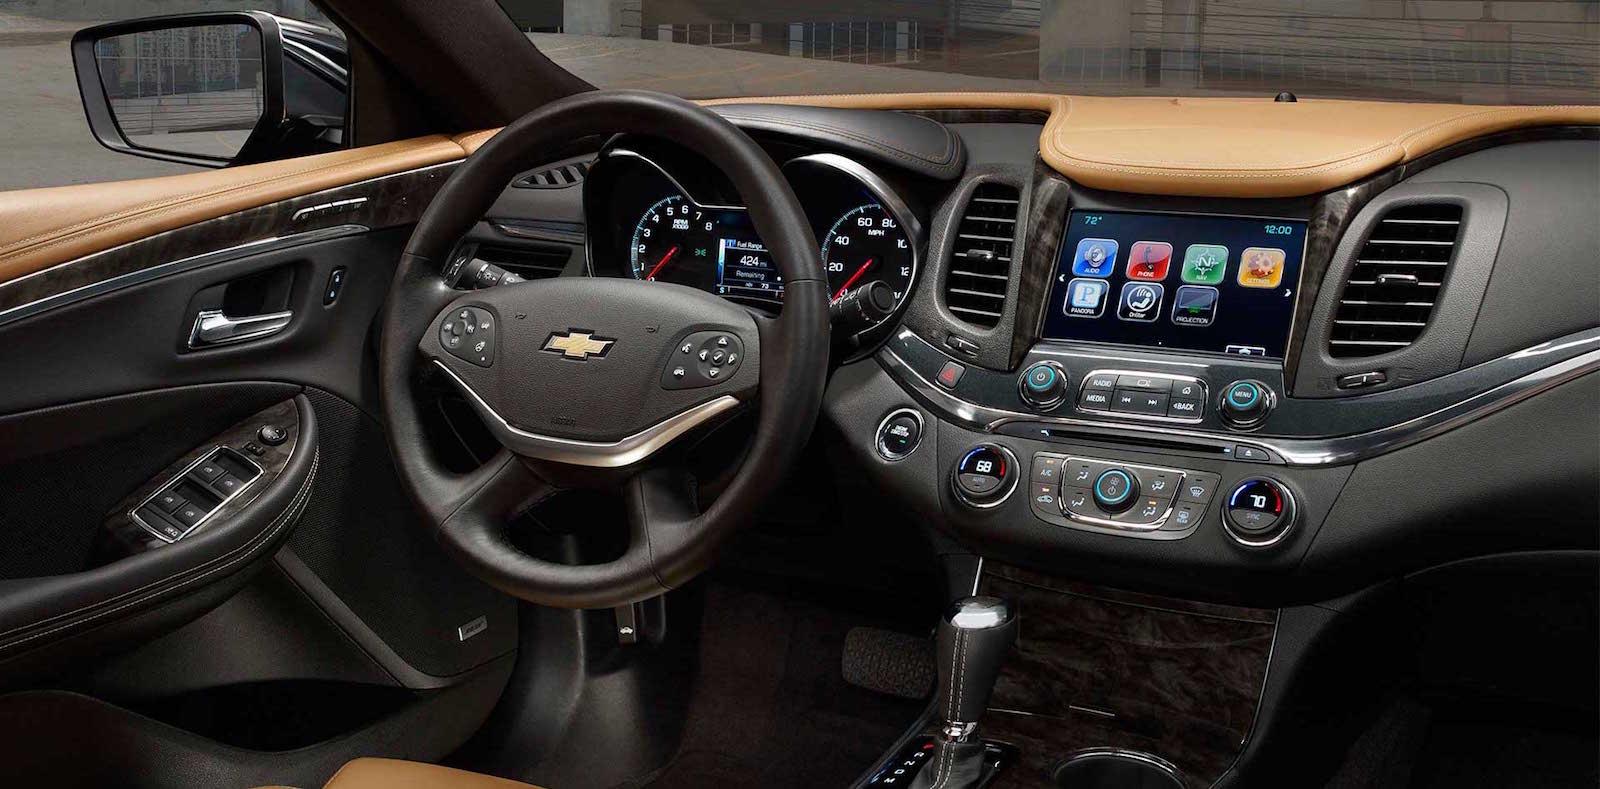 2016_Chevy_Impala_Tech_Dash